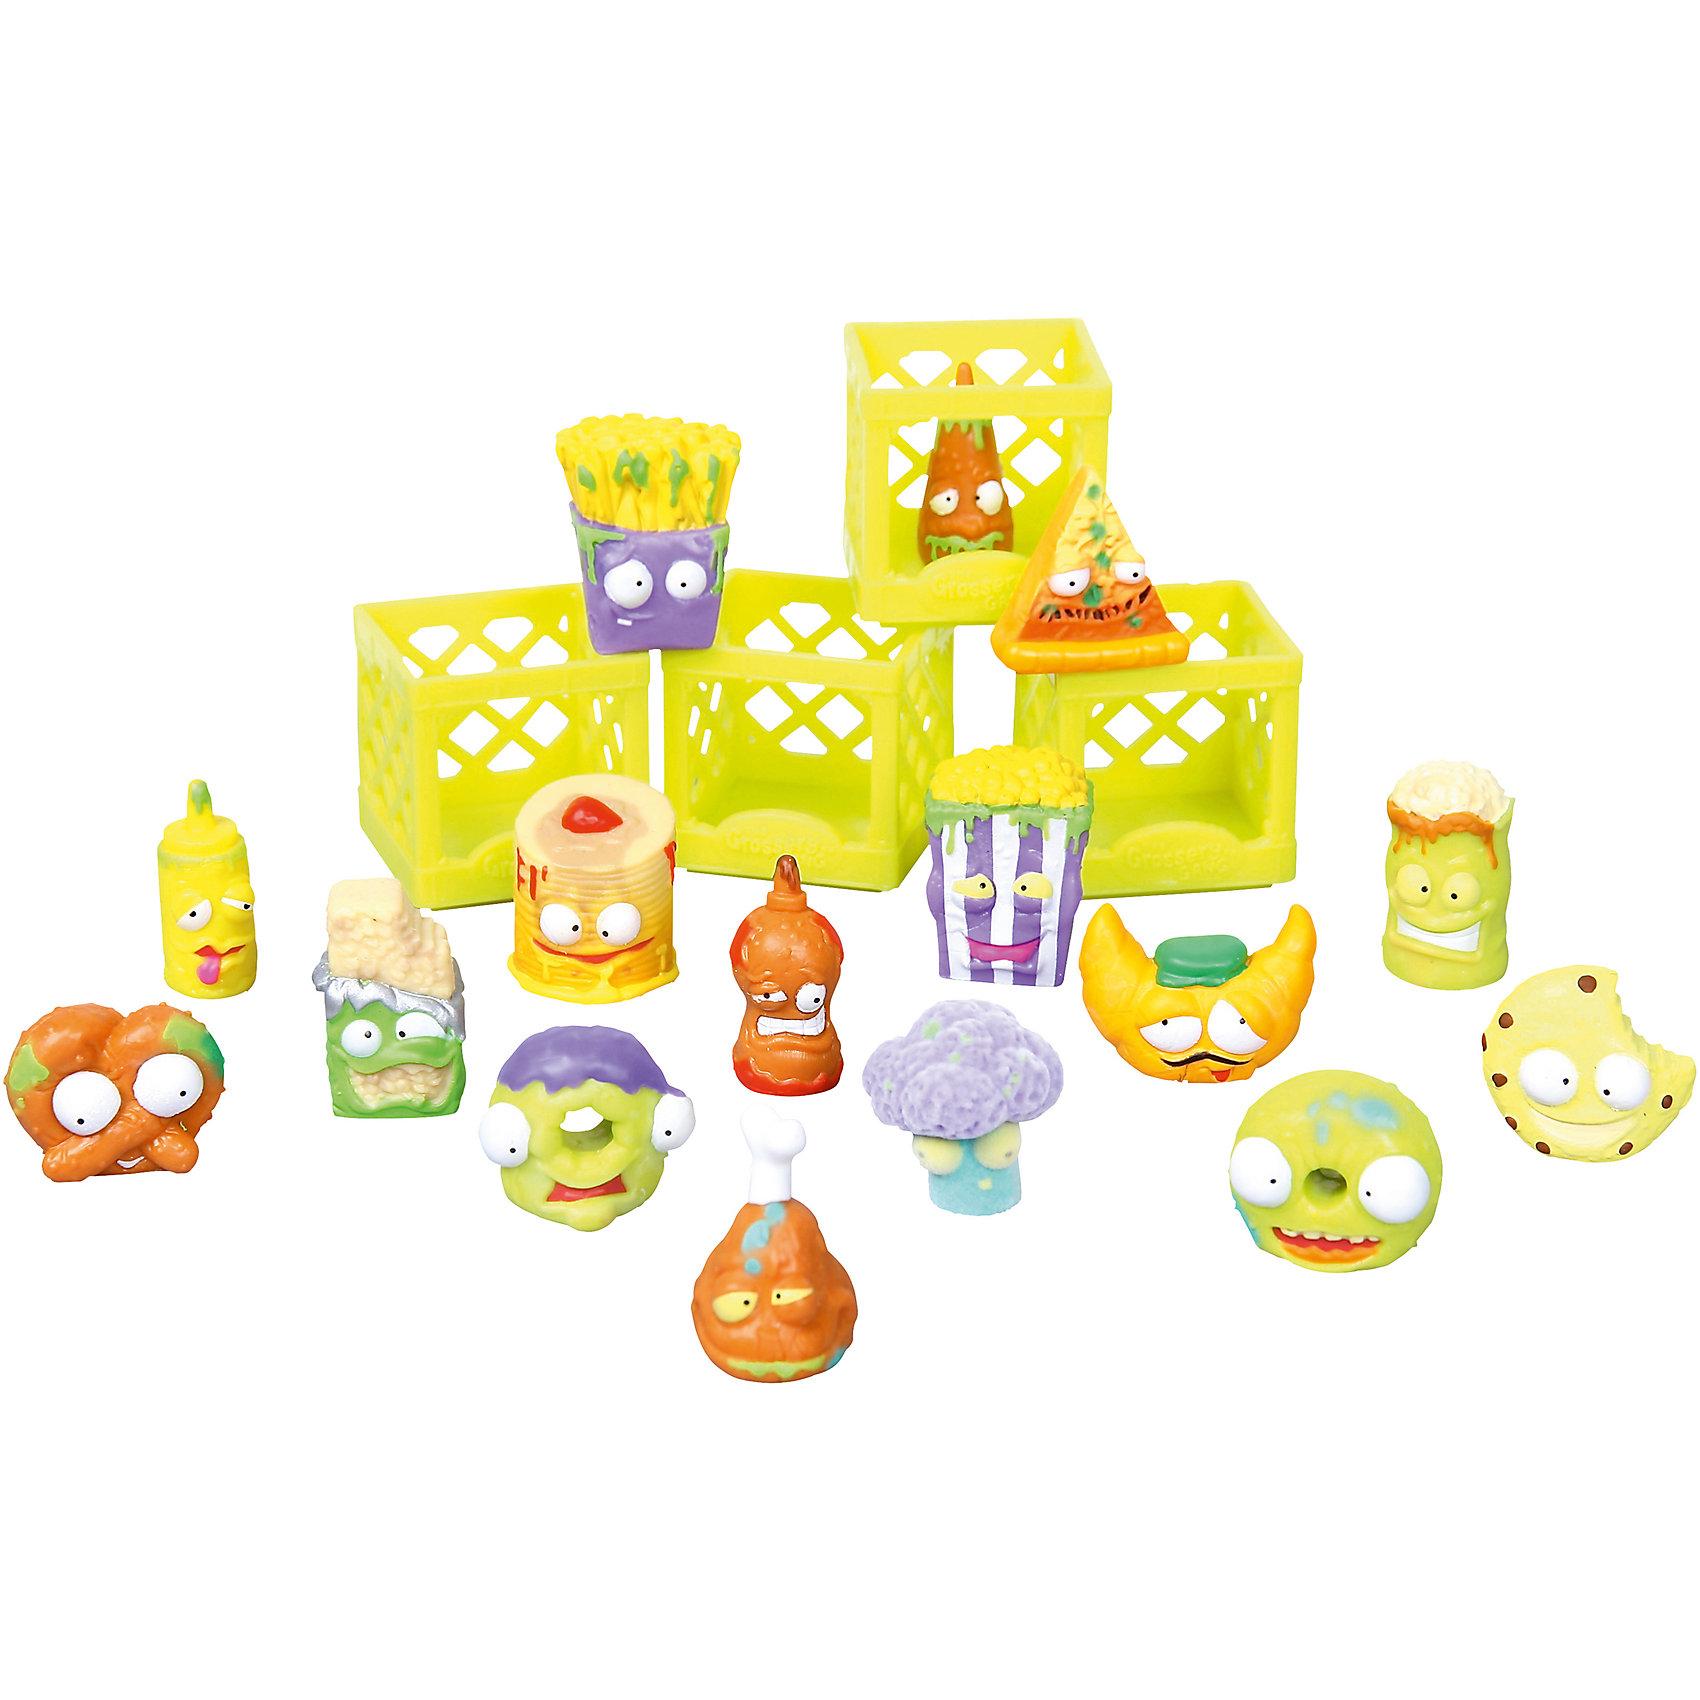 Набор Для завтрака с 16 фигурками, The Grossery GangИгрушечные продукты питания<br>Набор Для завтрака с 16 фигурками, Moose (Мус)<br><br>Характеристики:<br><br>• боксы для хранения<br>• буклет с изображениями в комплекте<br>• 16 фигурок в комплекте<br>• материал: пластик<br>• размер упаковки: 20х26х5 см<br>• вес: 325 грамм<br>• в комплекте: 16 фигурок, 4 бокса, буклет<br><br>Этот набор, конечно, не подойдёт для завтрака, но зато с ним можно придумать весёлую игру. В набор входят 10 обычных и 6 эксклюзивных фигурок. Все они - испортившиеся продукты, оставленные на полках забытого супермаркета в городе Чиптаун. Эти маленькие вредные хулиганы точно не позволят заскучать! В комплект также входят боксы для хранения и красочный буклет с изображением других персонажей.<br><br>Набор Для завтрака с 16 фигурками, Moose (Мус) вы можете купить в нашем интернет-магазине.<br><br>Ширина мм: 50<br>Глубина мм: 260<br>Высота мм: 200<br>Вес г: 325<br>Возраст от месяцев: 60<br>Возраст до месяцев: 2147483647<br>Пол: Женский<br>Возраст: Детский<br>SKU: 5397305